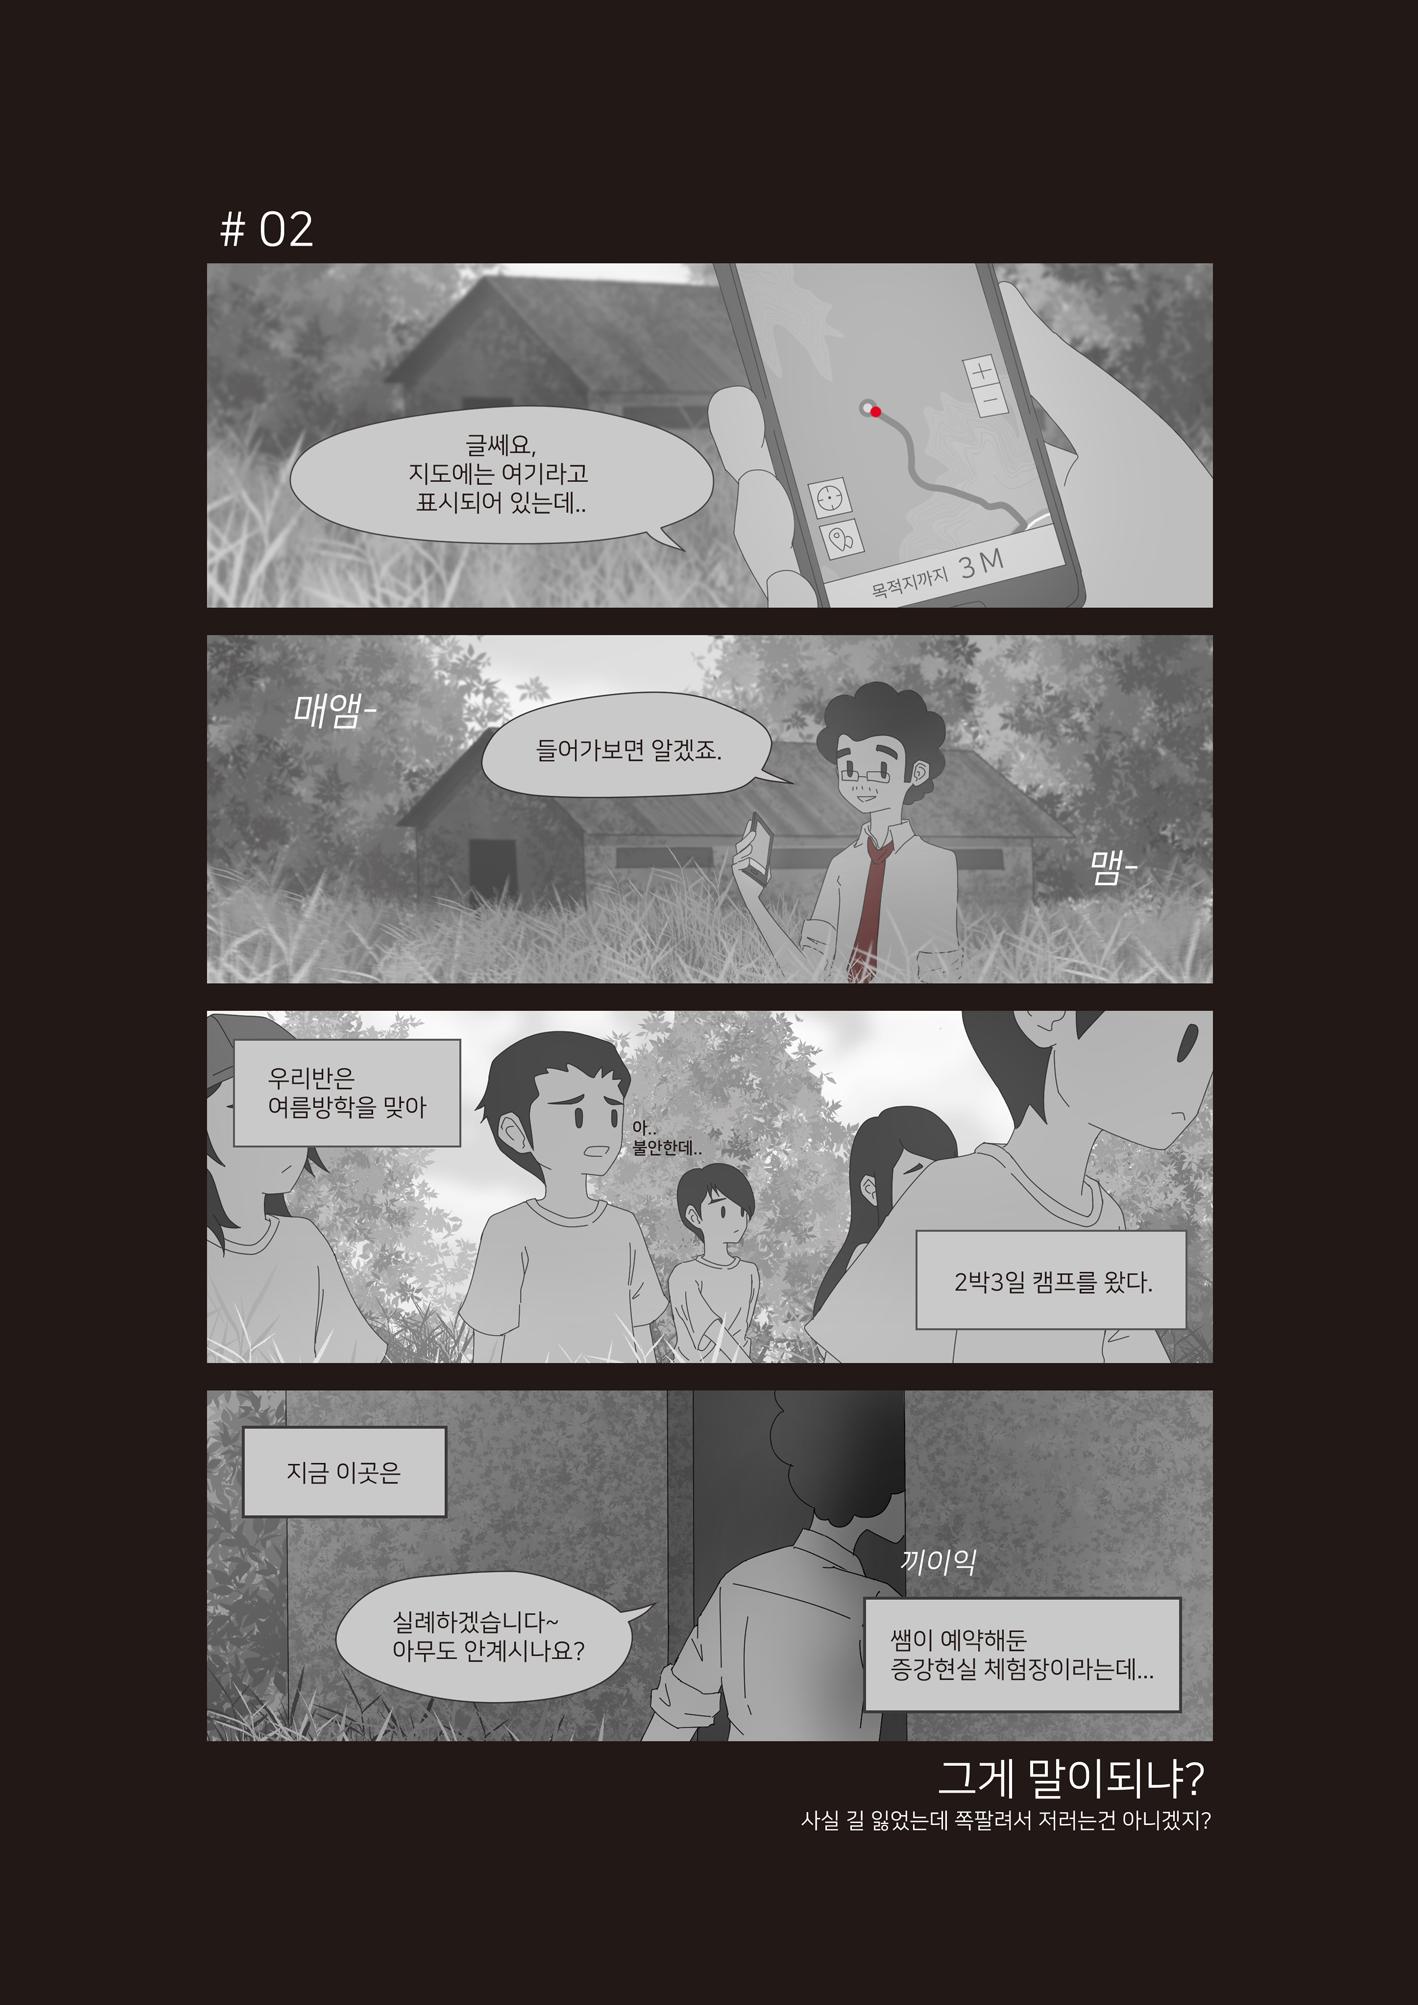 로사웹툰_#02